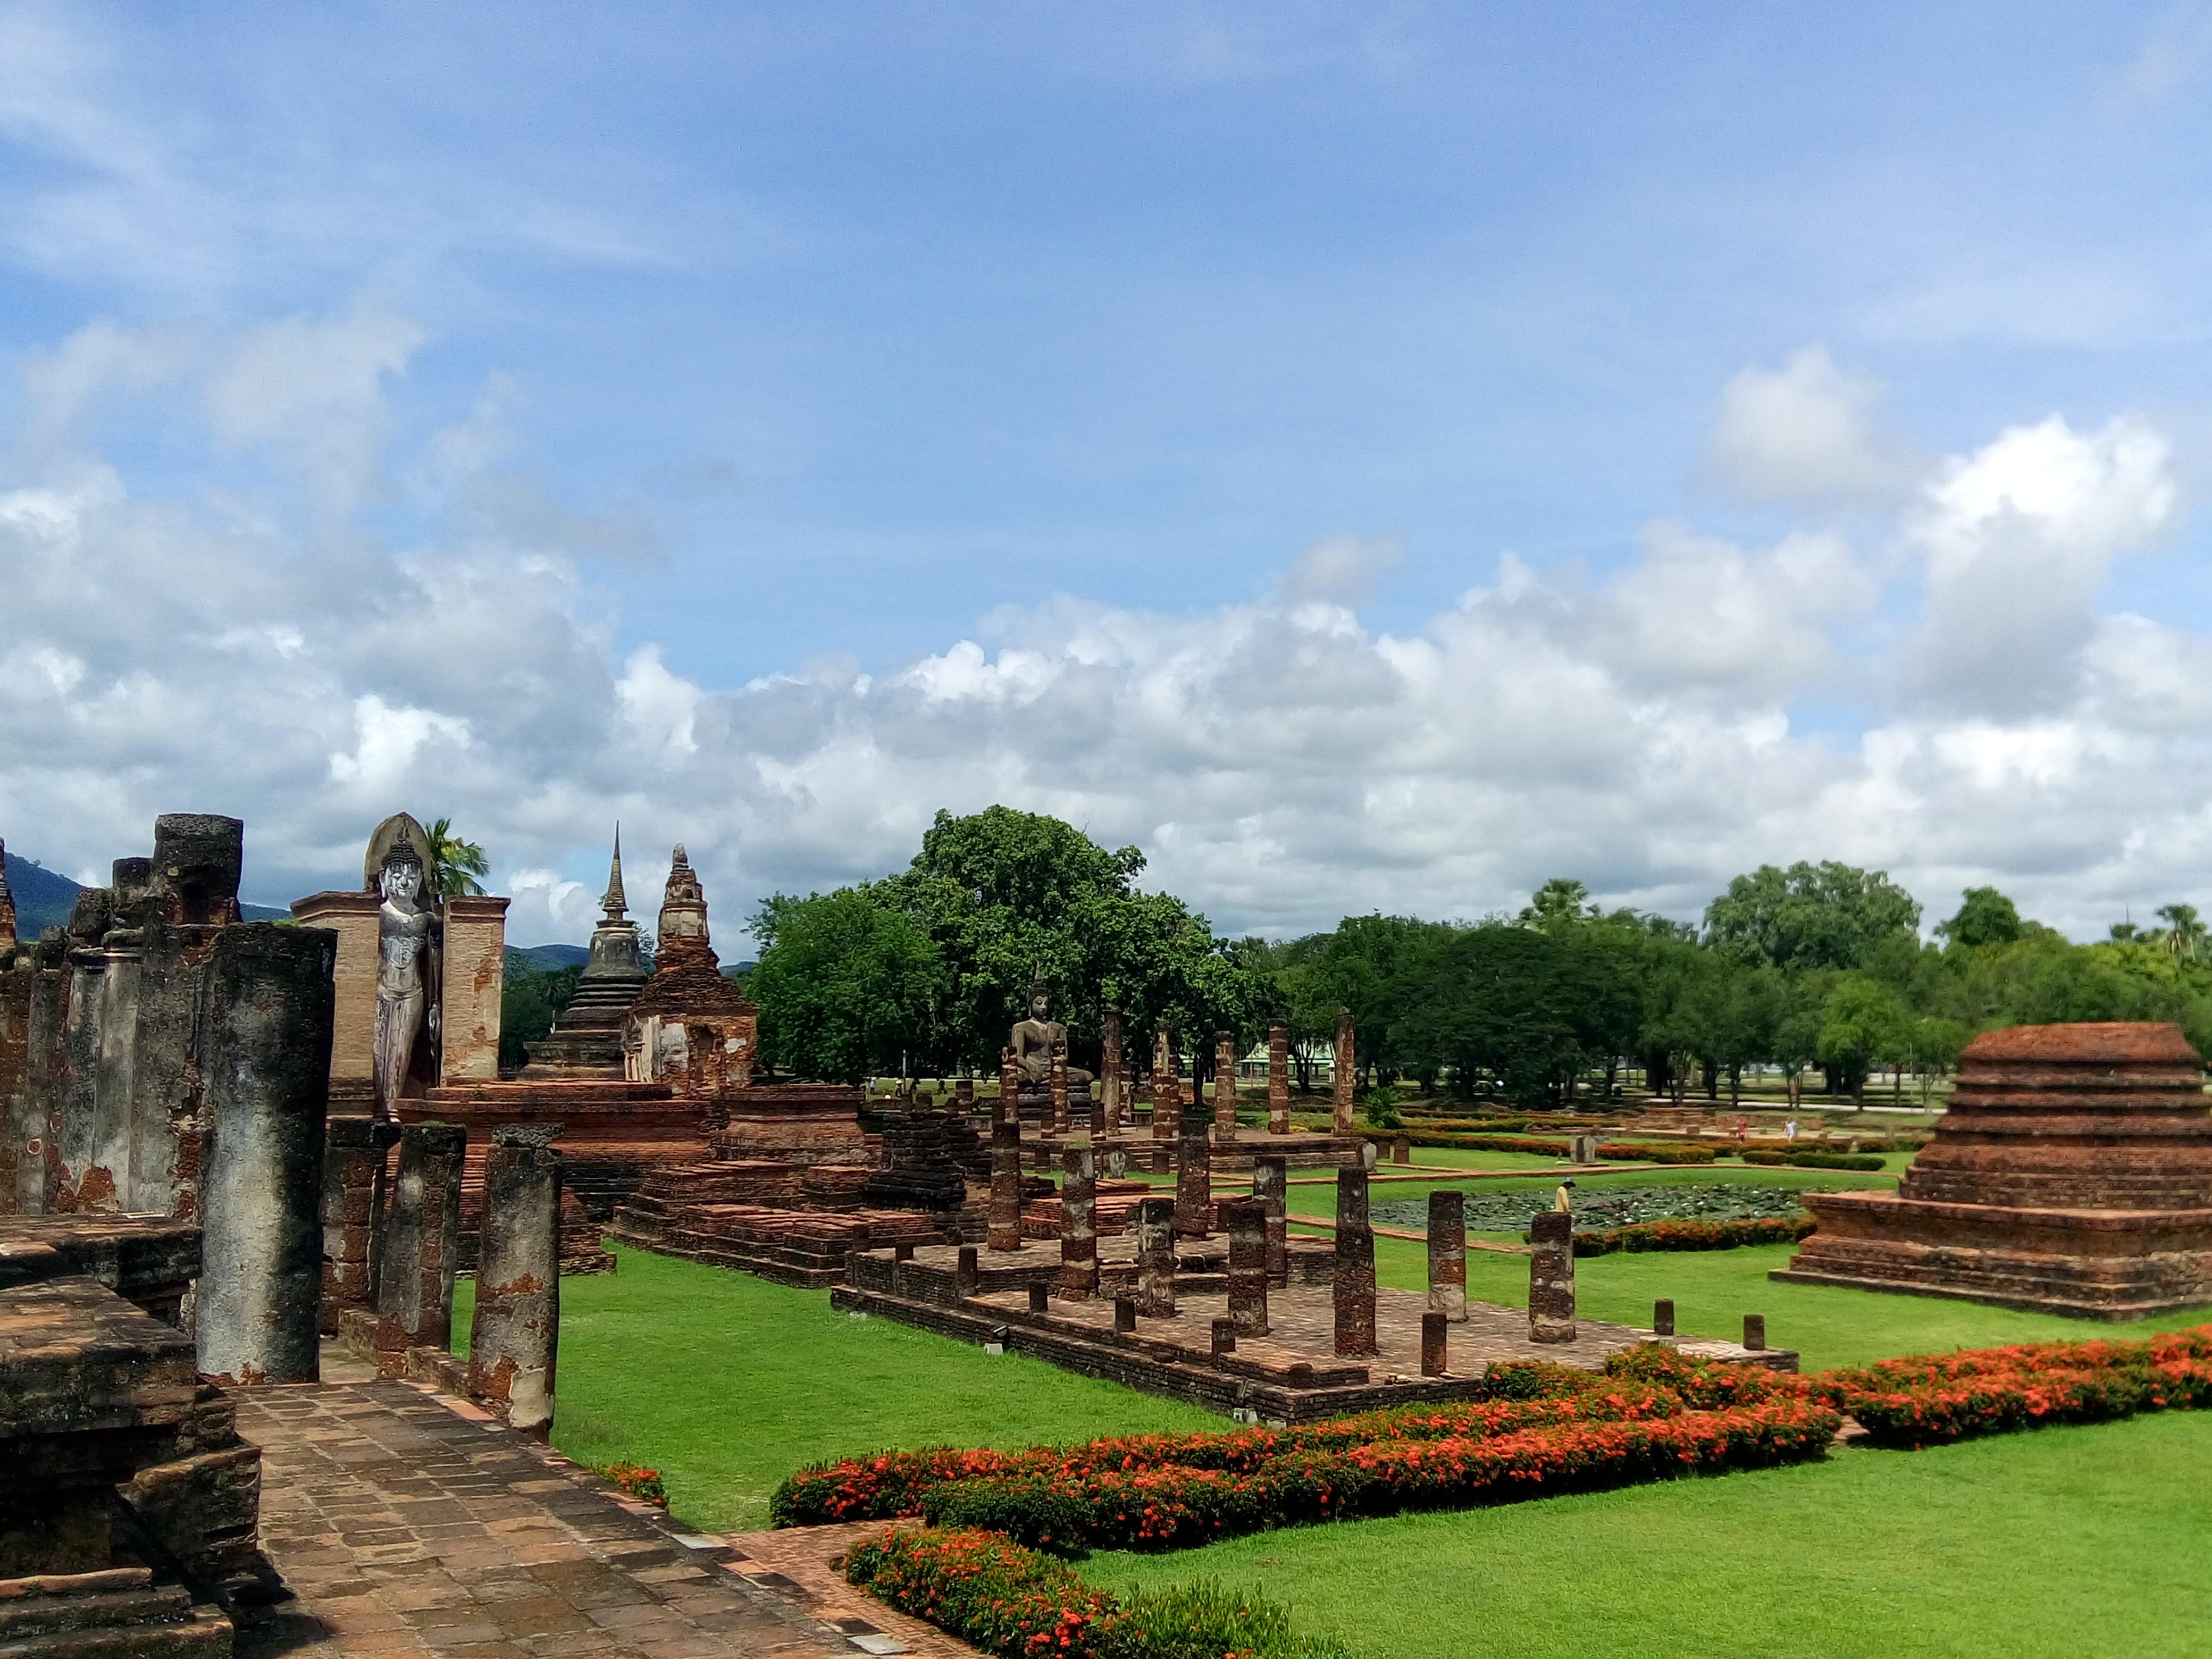 Thailand und seine historische Ruinenstadt Sukhothai